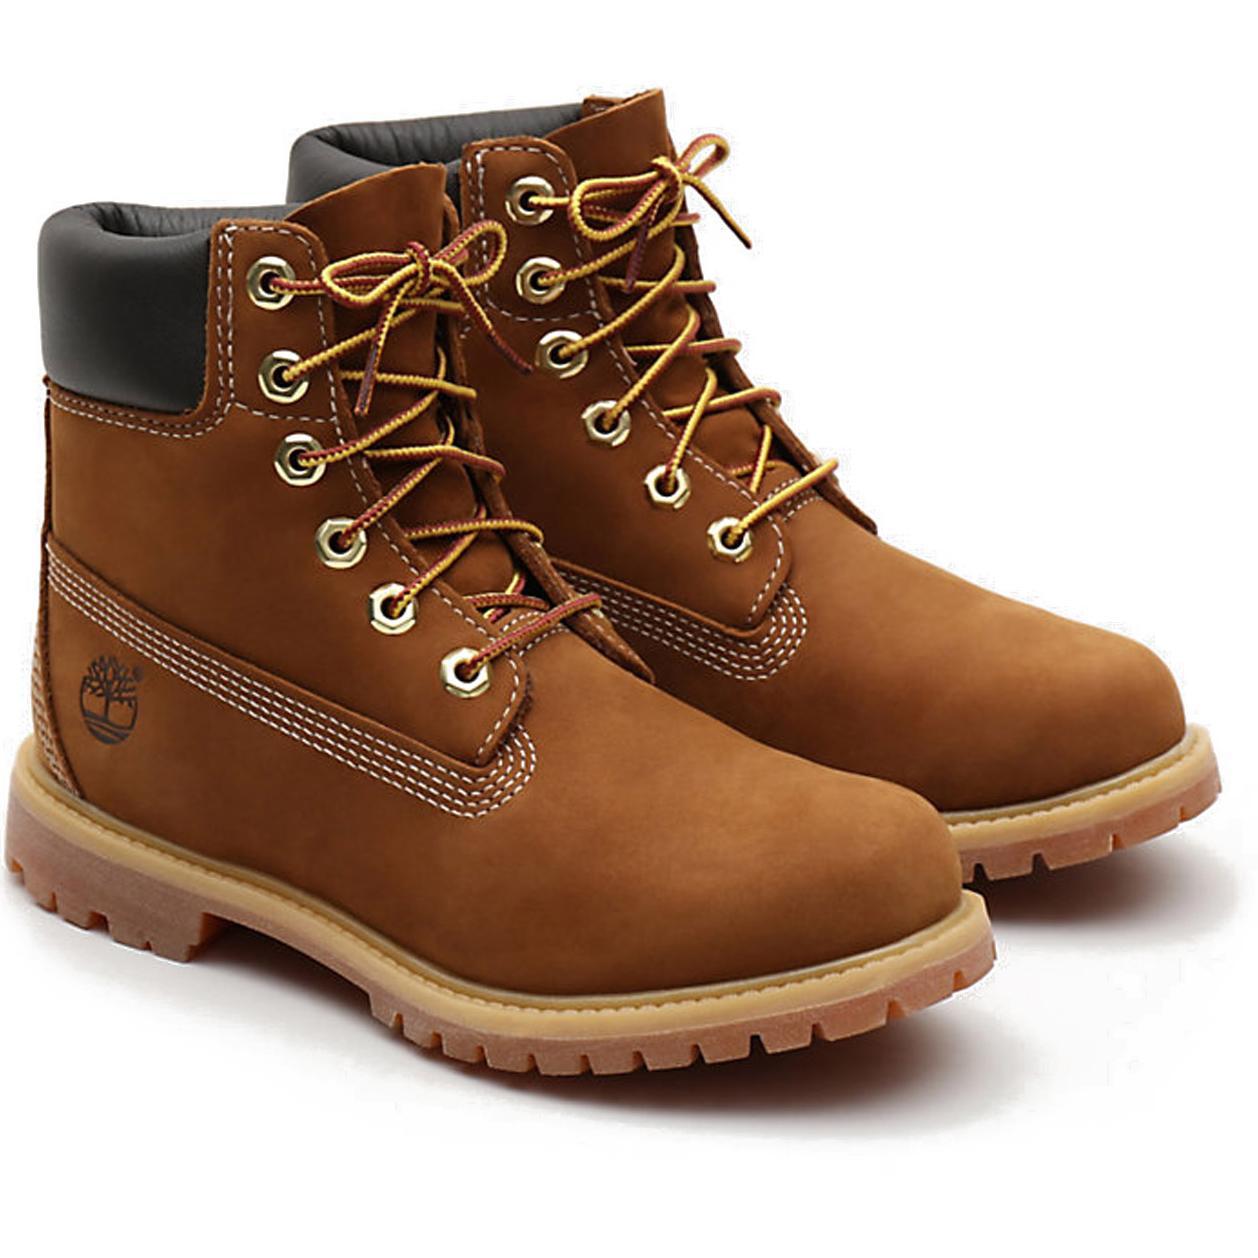 Timberland Damen Winterschuh 6in Premium Boot im Epoxy Shop